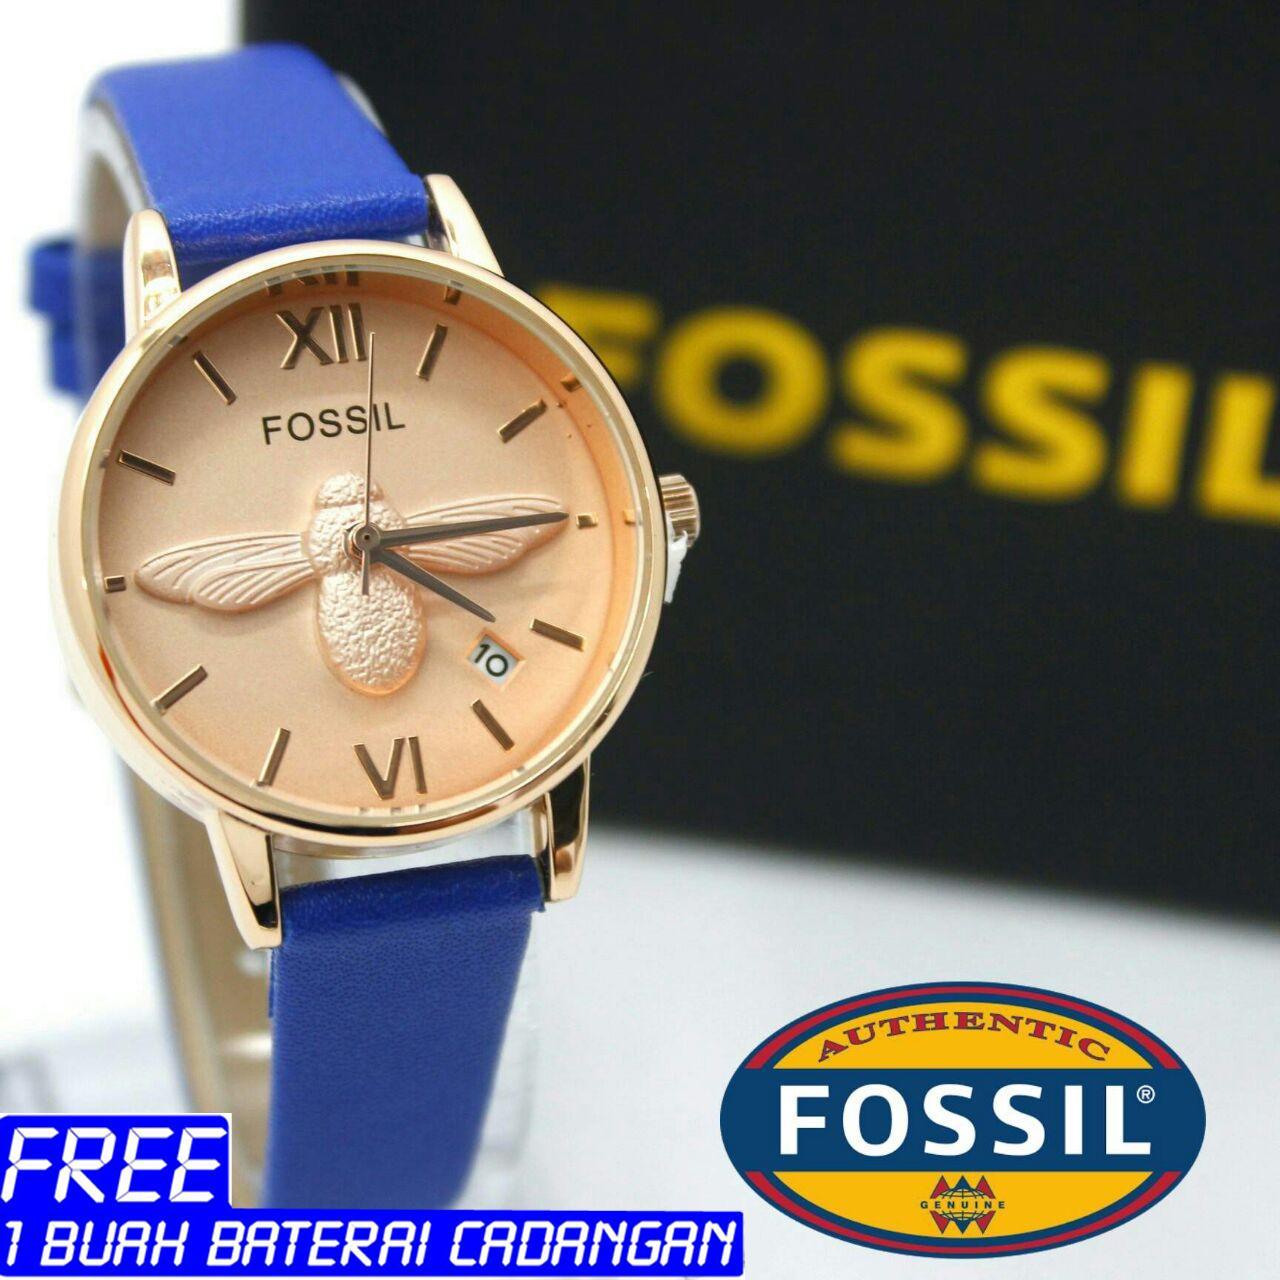 Fossil Es3811 Jam Tangan Wanita Leather Strap Silver Daftar Harga Es3908 Original